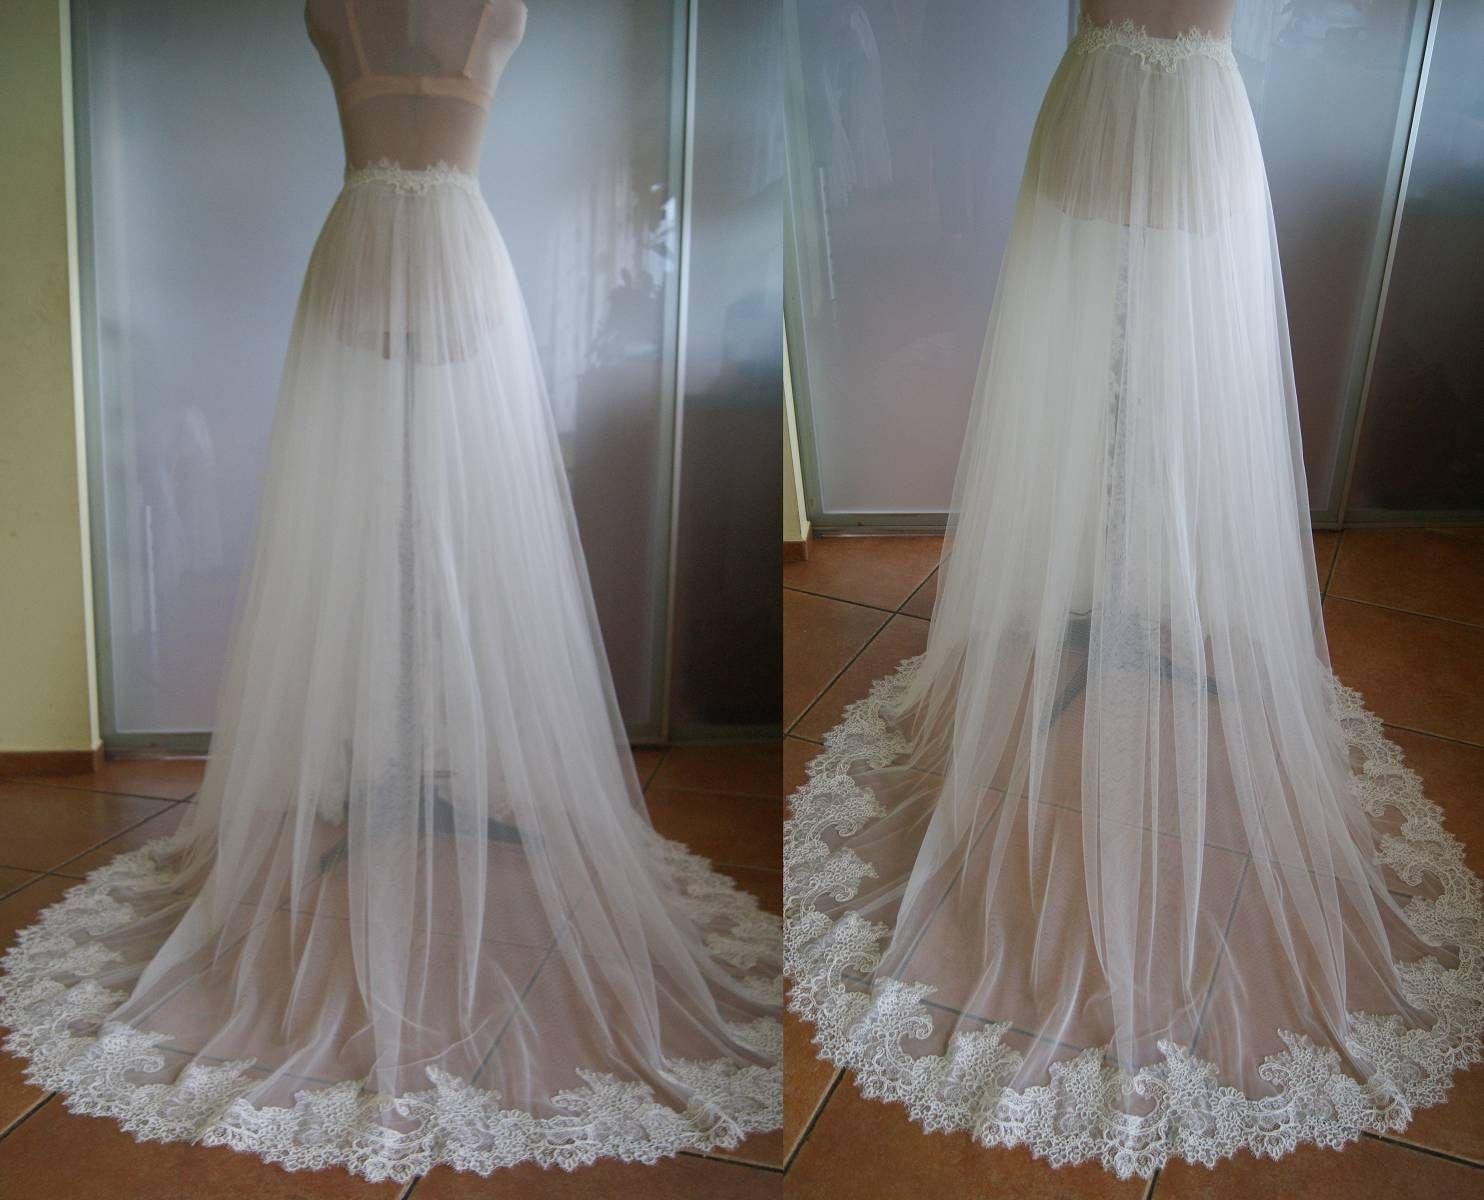 Detachable skirt train for wedding dressnika tulle